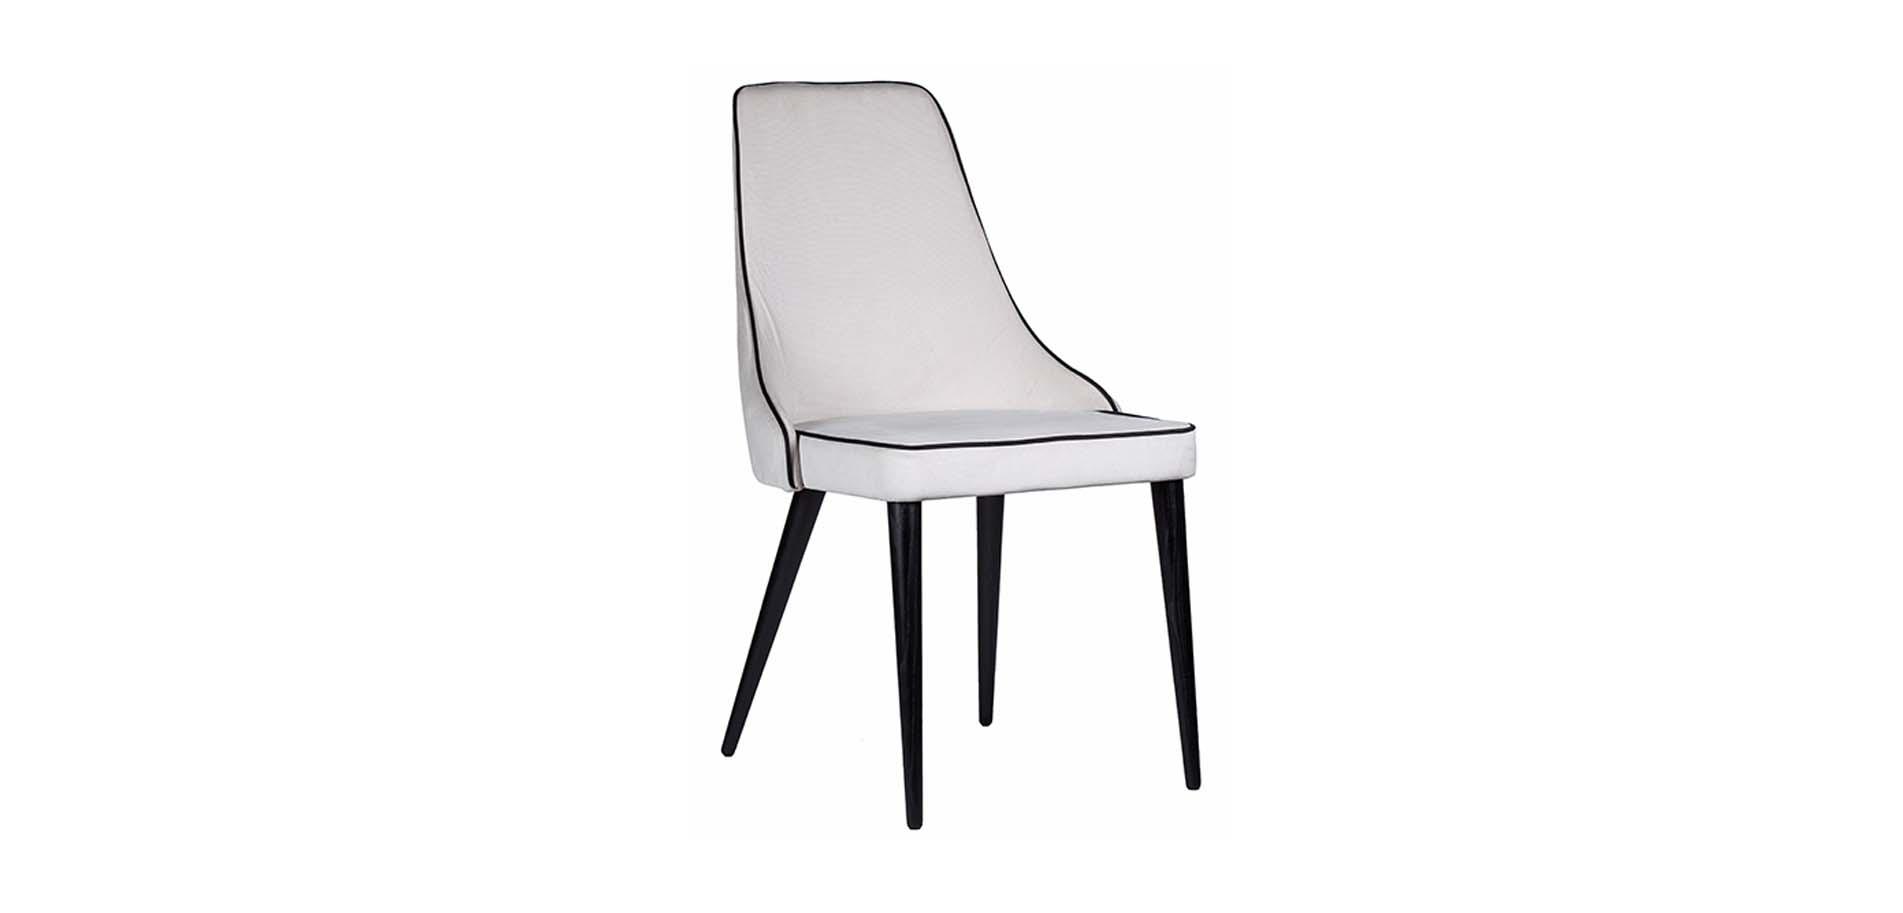 Ξύλινη καρέκλα τραπεζαρίας